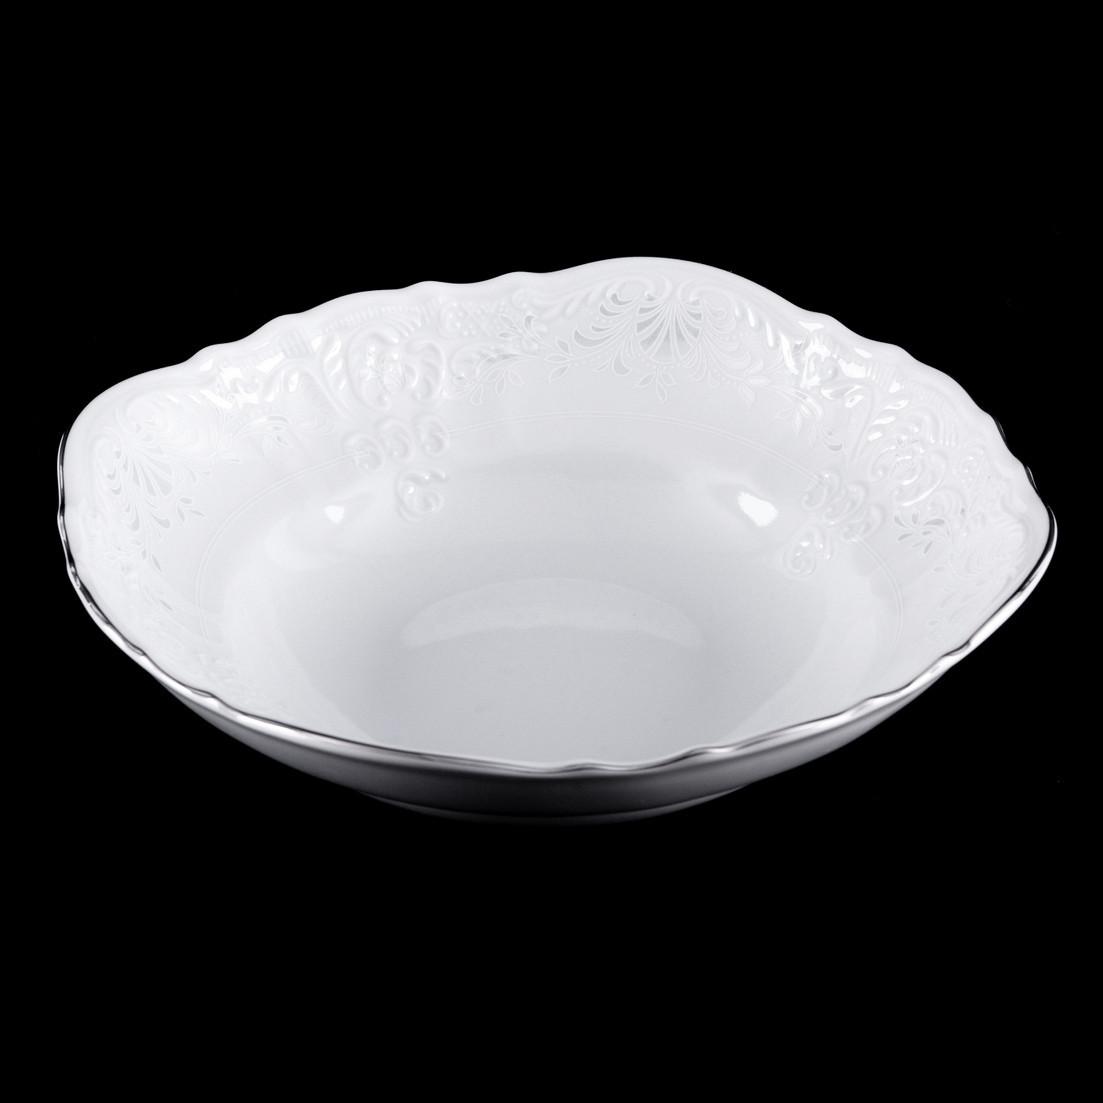 Салатник круглый 13 см Bernadotte Невеста Thun 3632021-13-1